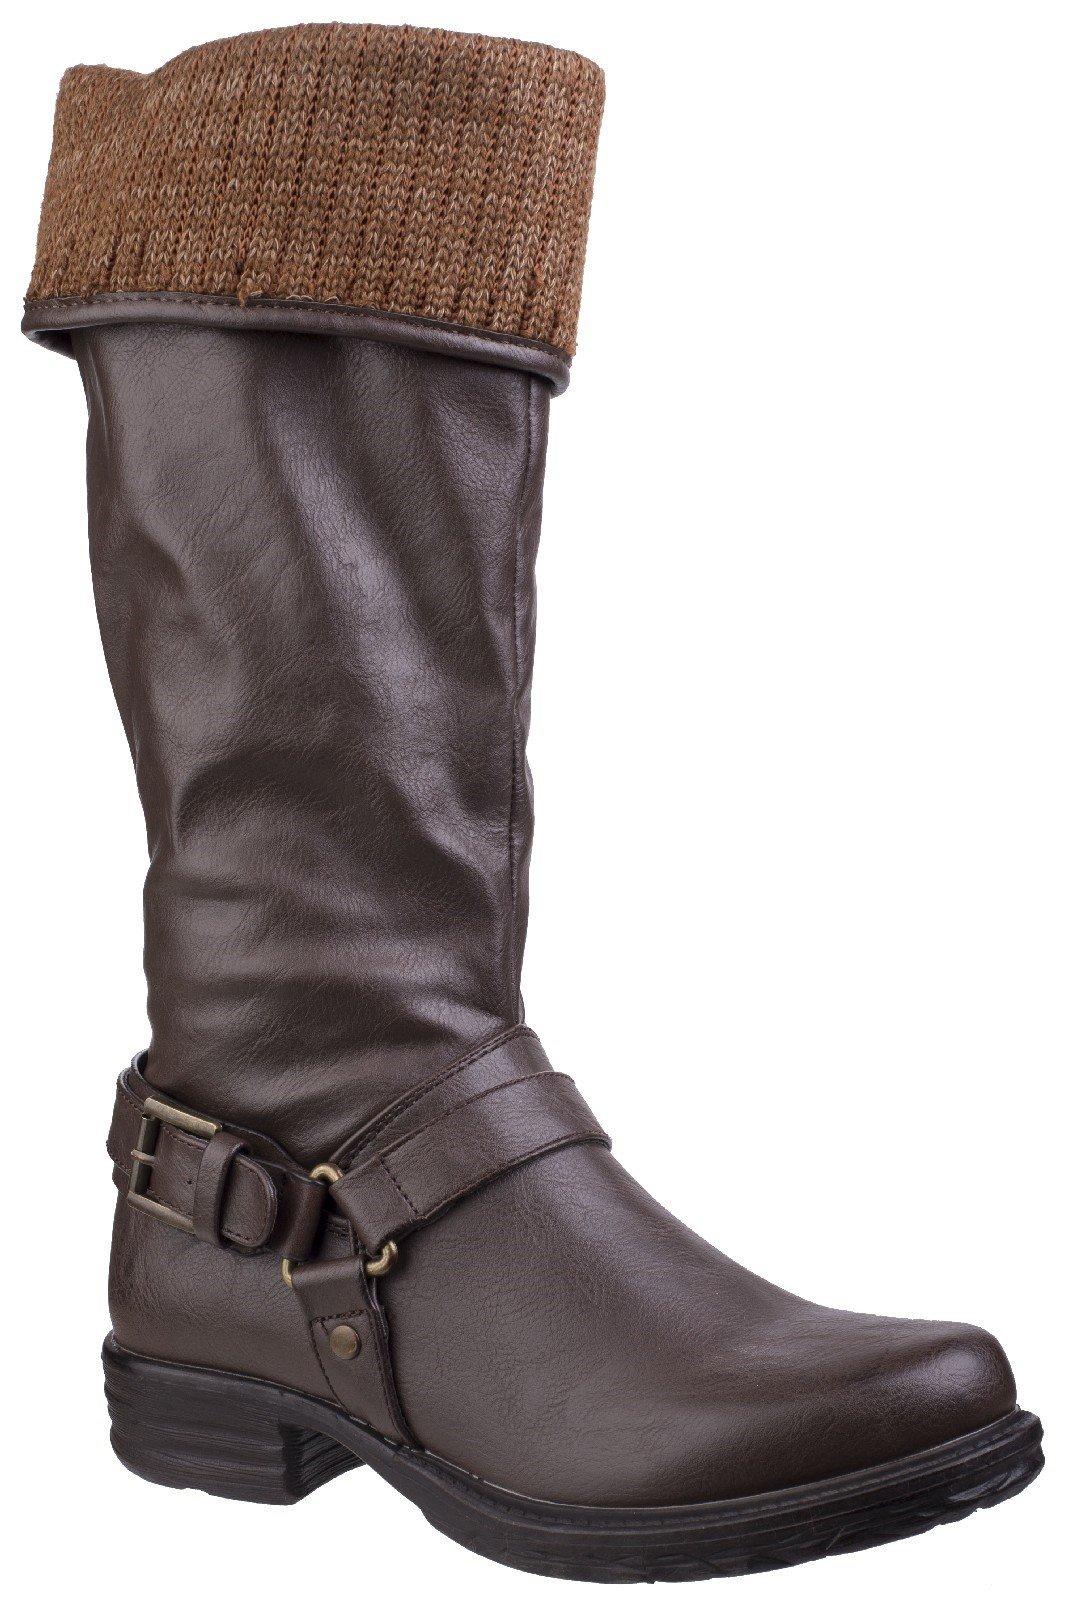 Divaz Women's Monroe Tall Boot Black 25568-42556 - Brown 3